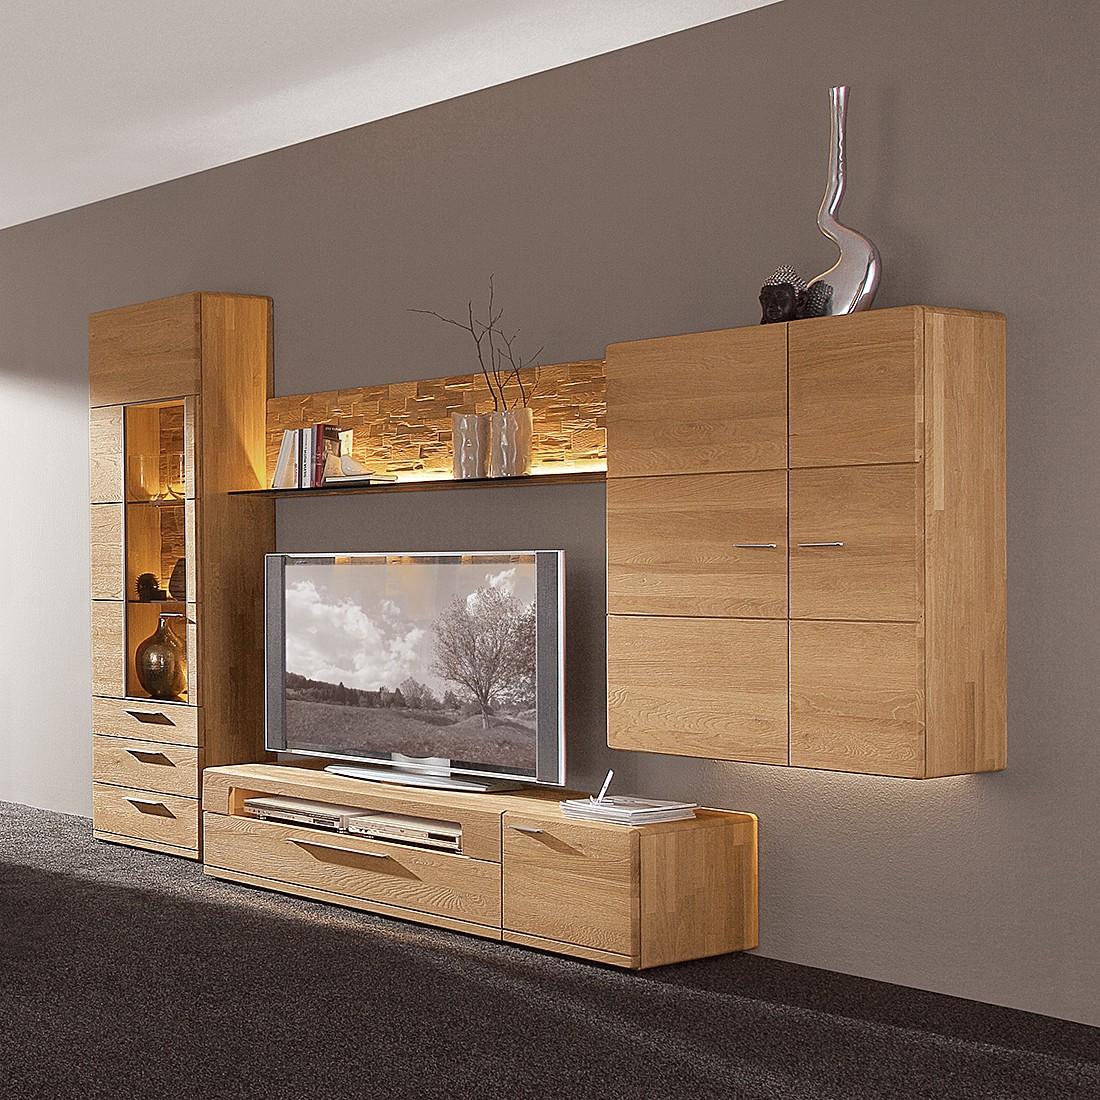 wohnwand massiv wildeiche sonstige preisvergleiche erfahrungsberichte und kauf bei nextag. Black Bedroom Furniture Sets. Home Design Ideas